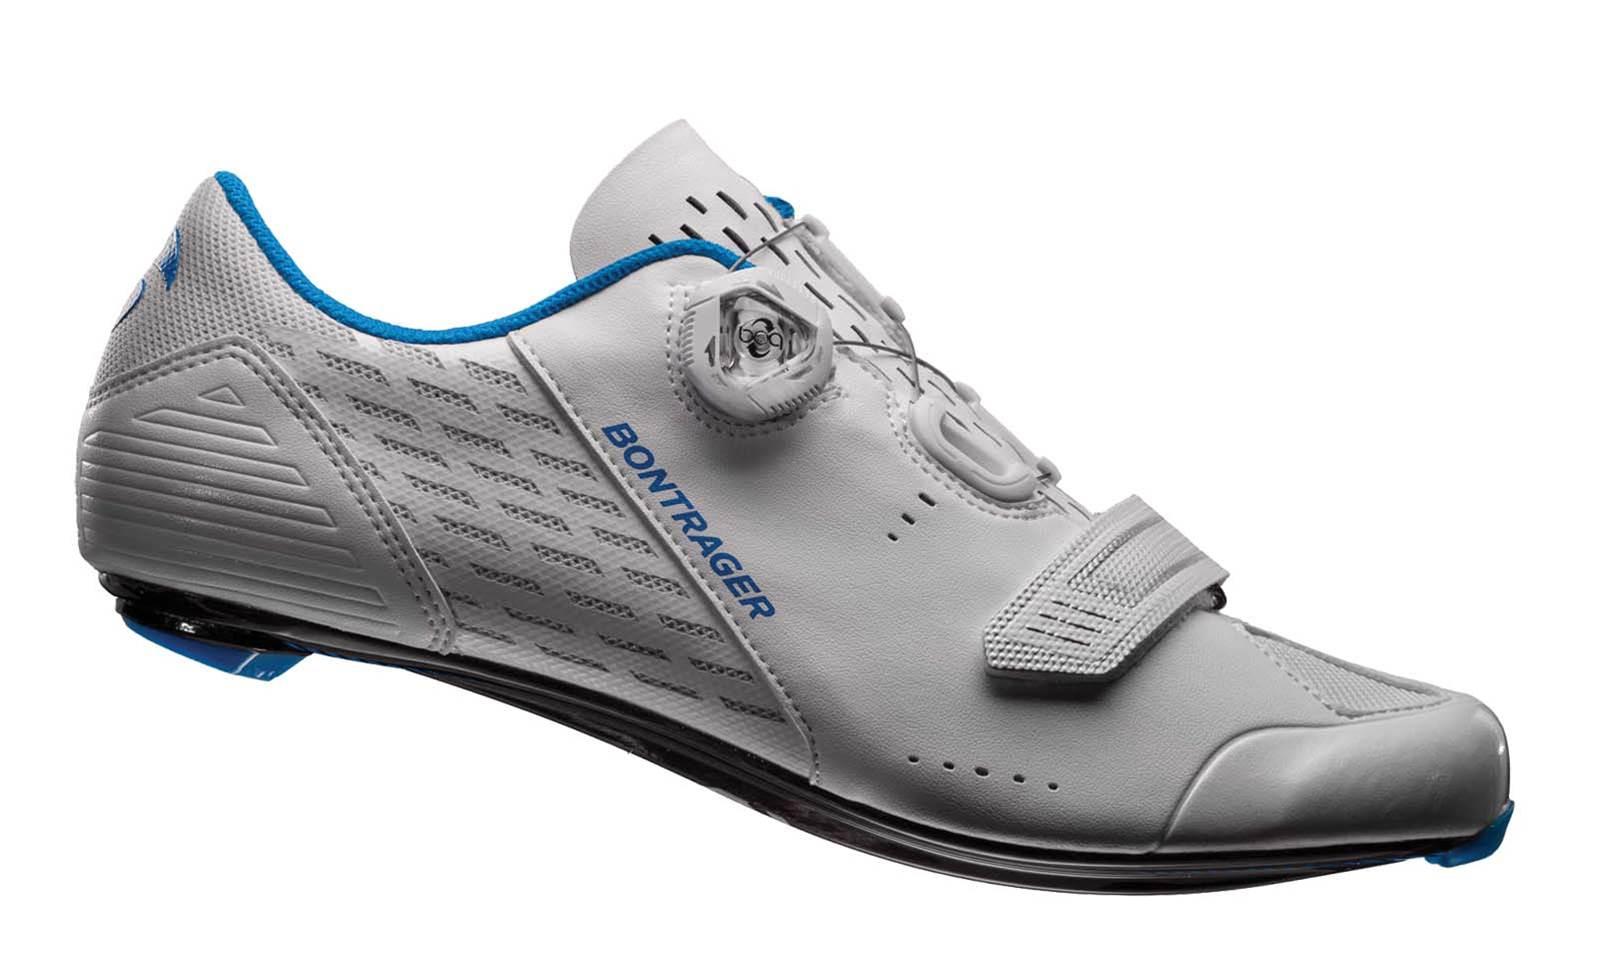 REVIEW: Bontrager women's Meraj shoes